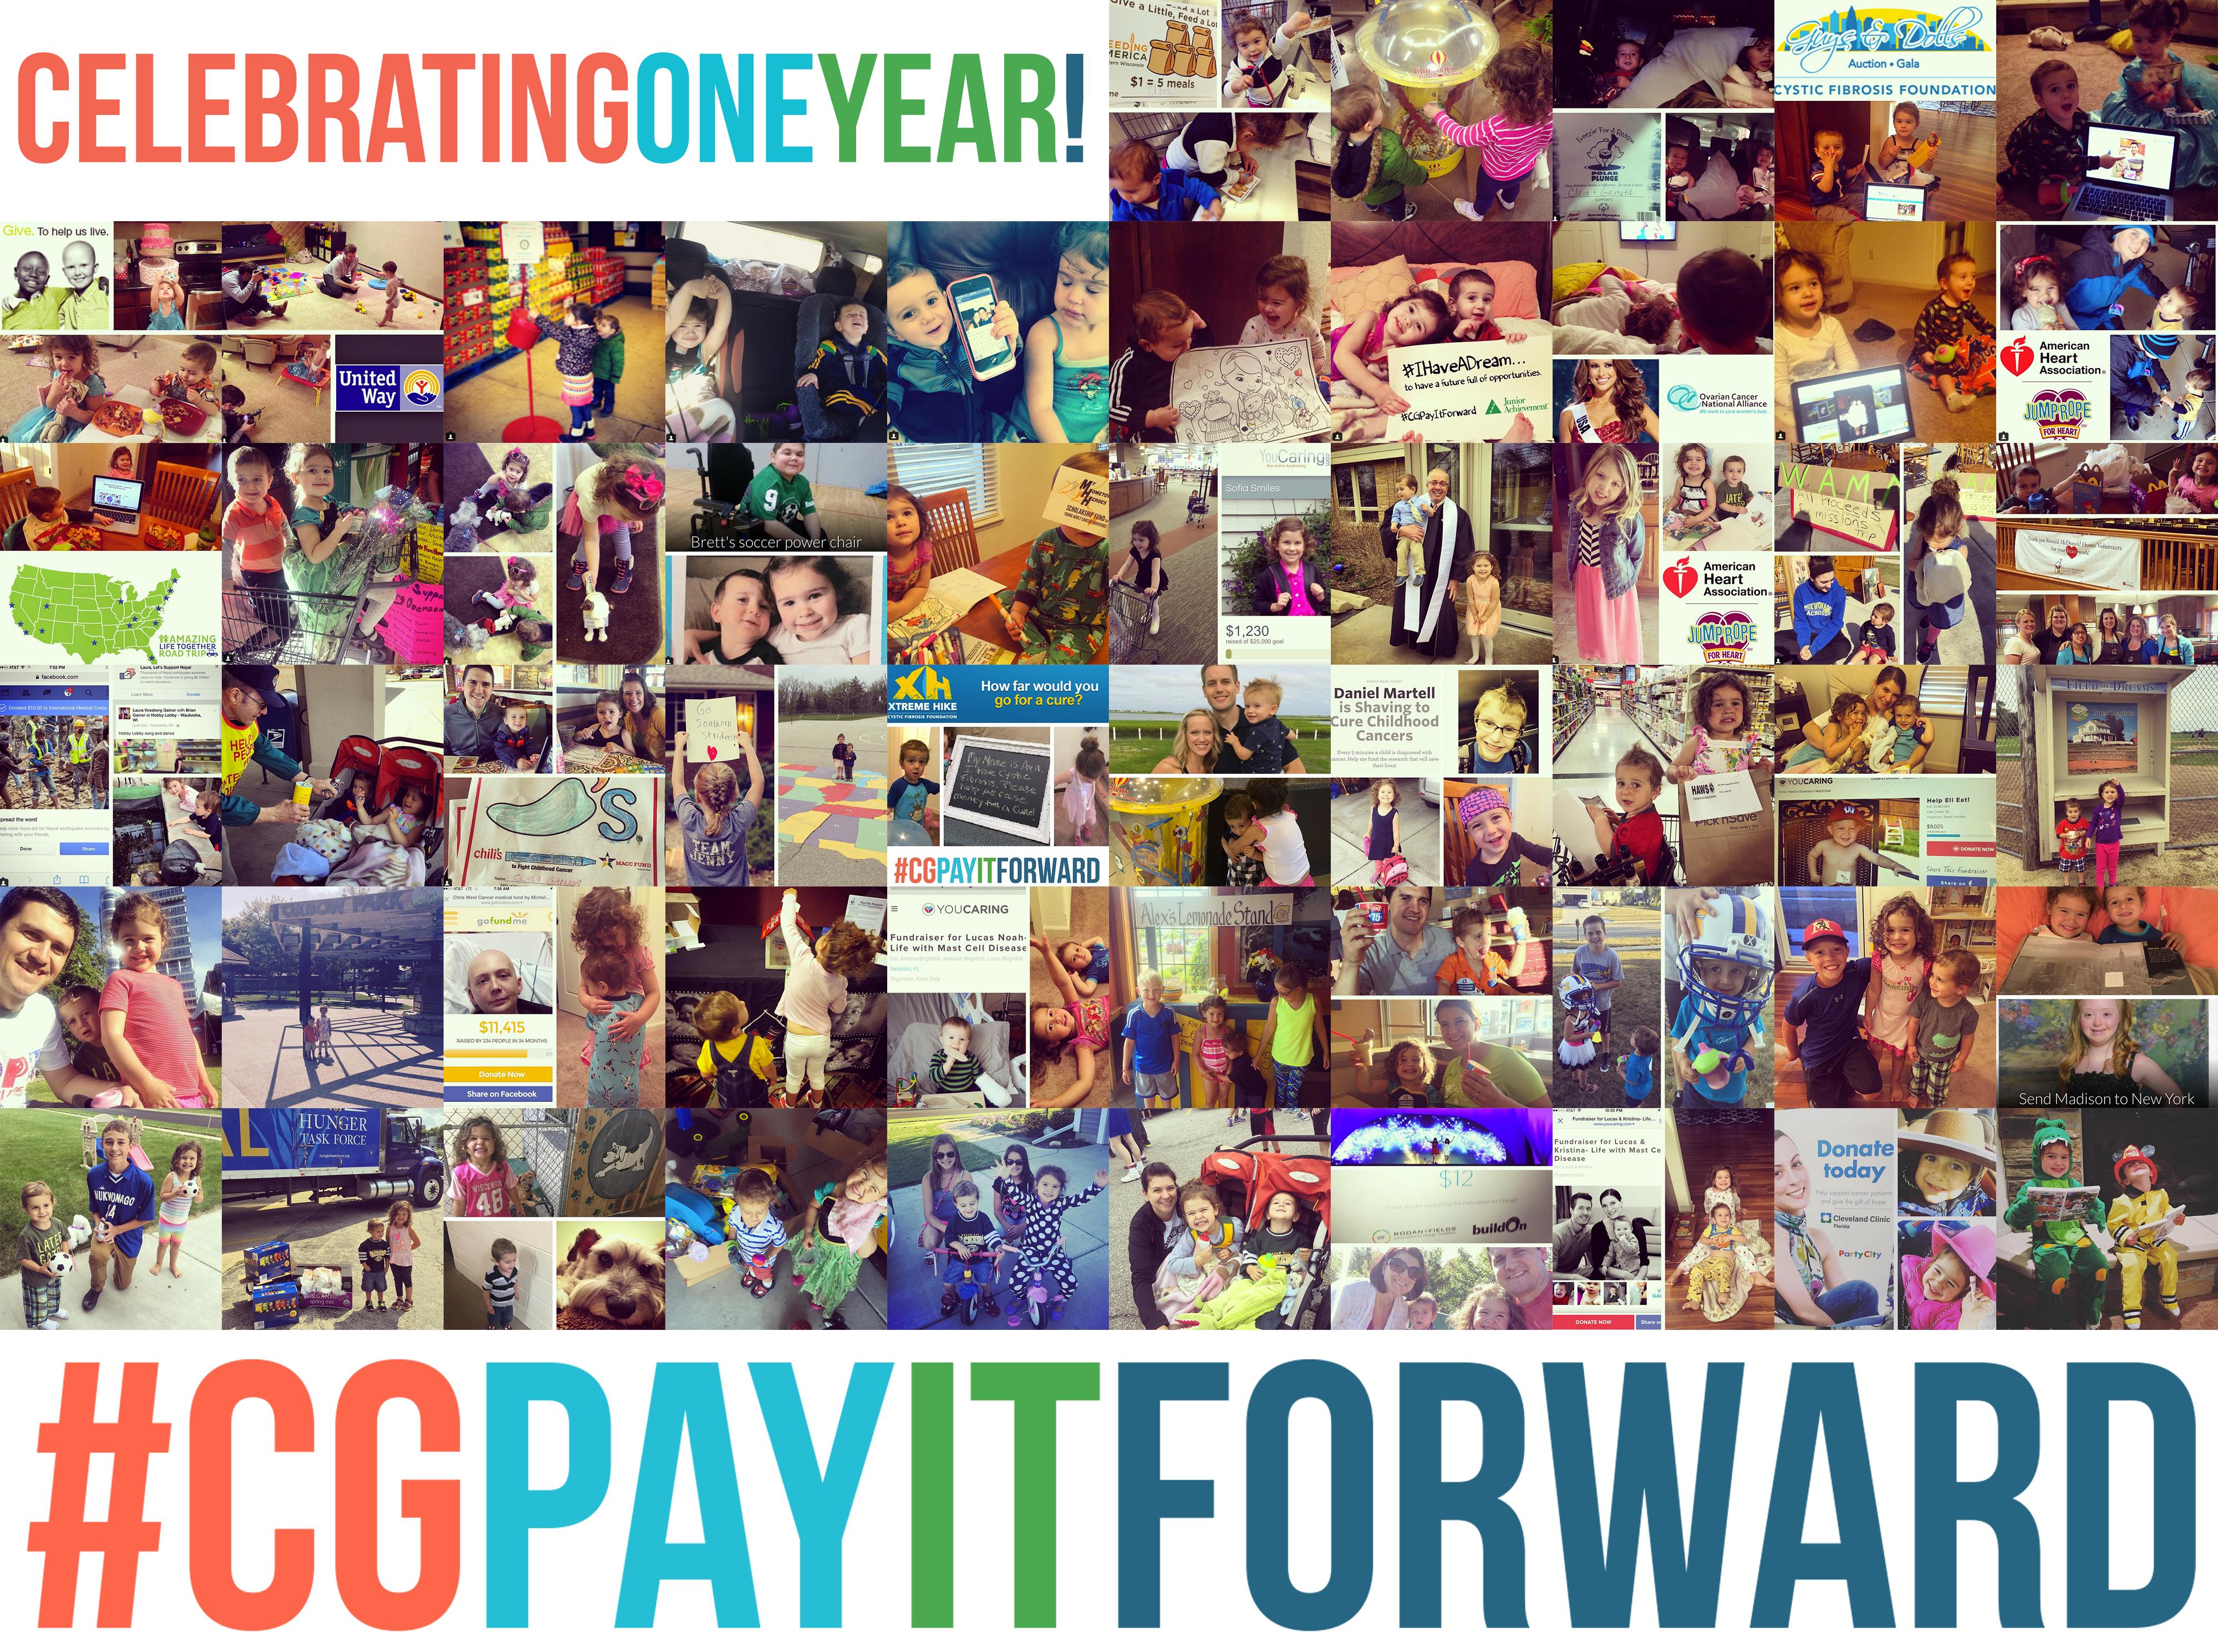 Celebrating ONE YEAR of #CGPayItForward!